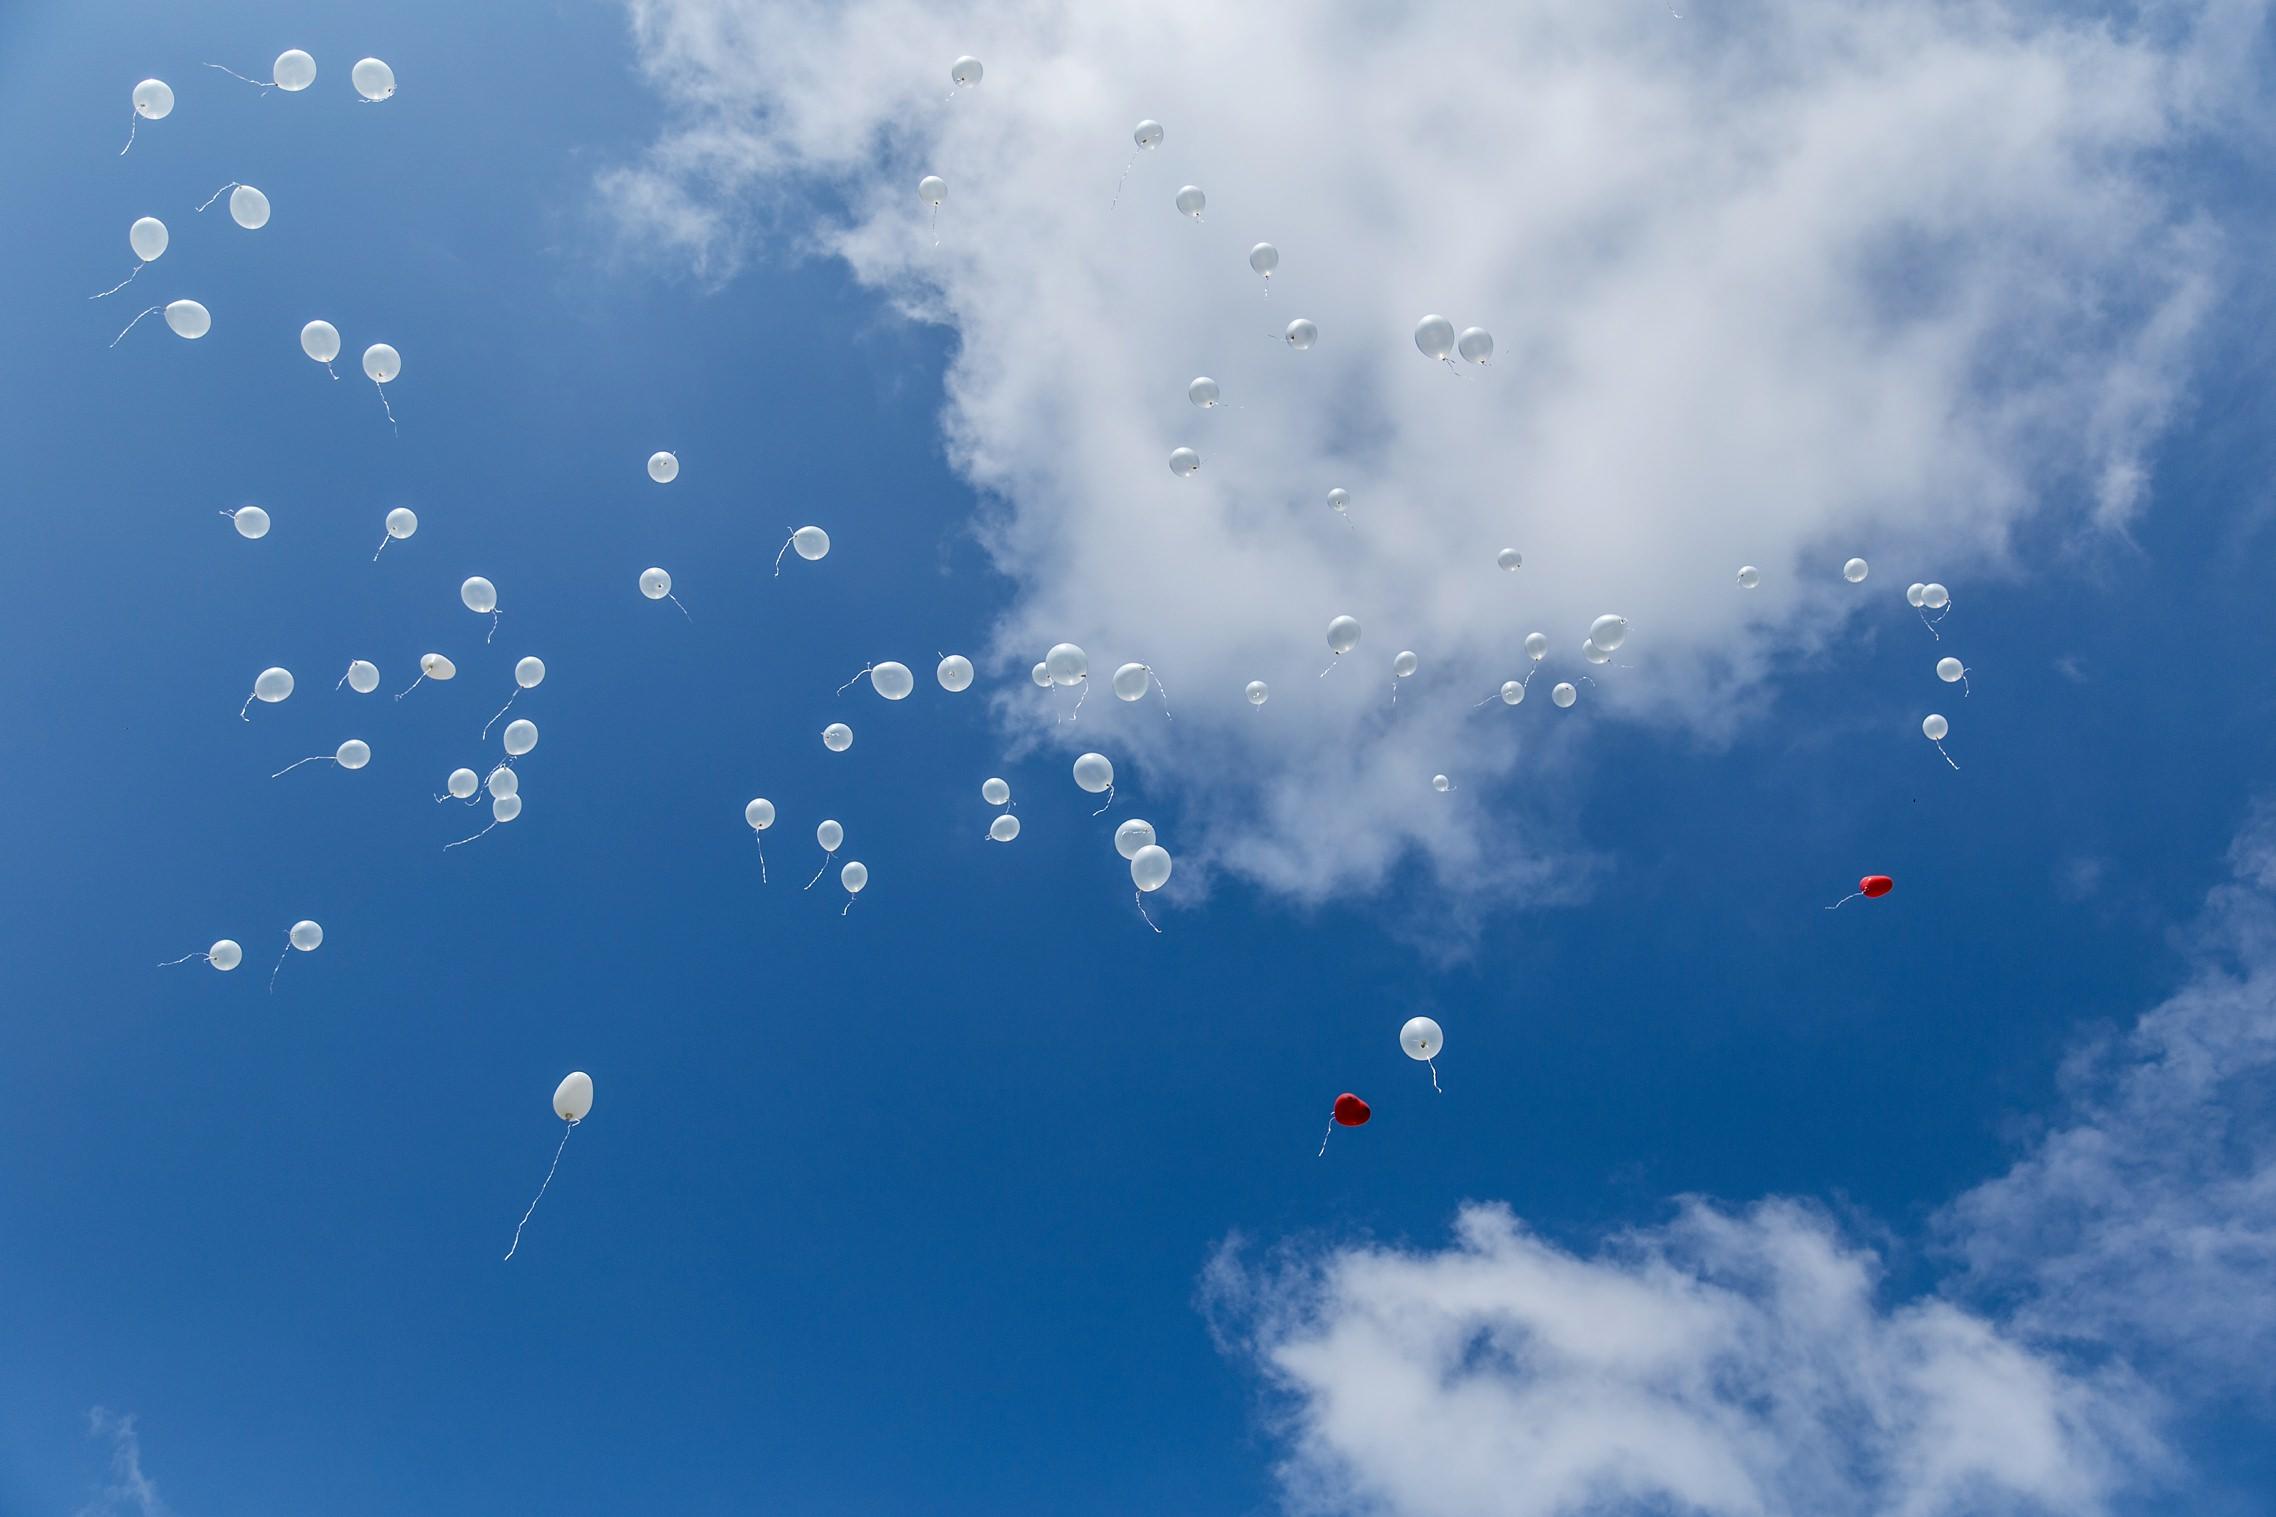 Weiße Hochzeits-Luftballons und zwei rote Ballons im blauen Himmel.